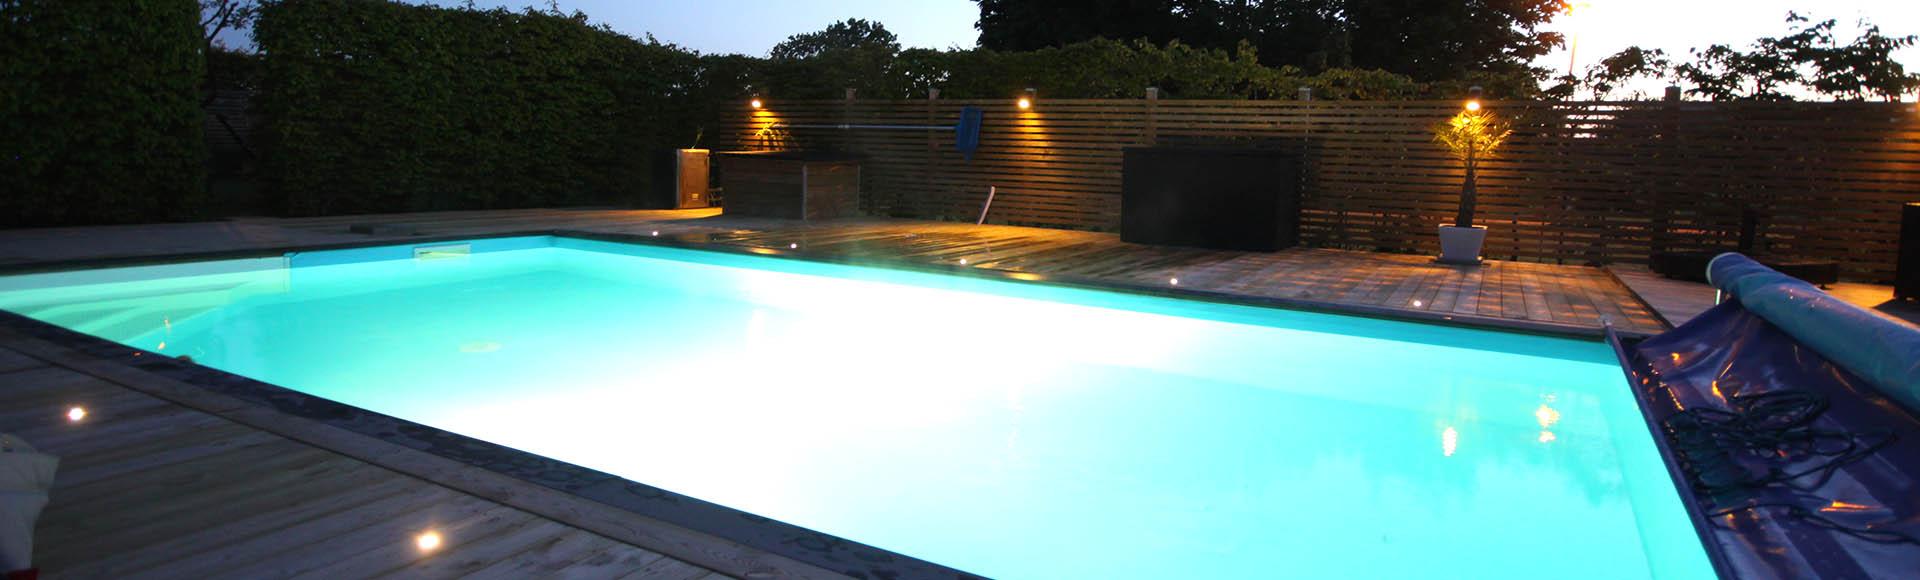 Njut av din pool dygnet runt - hela sommaren